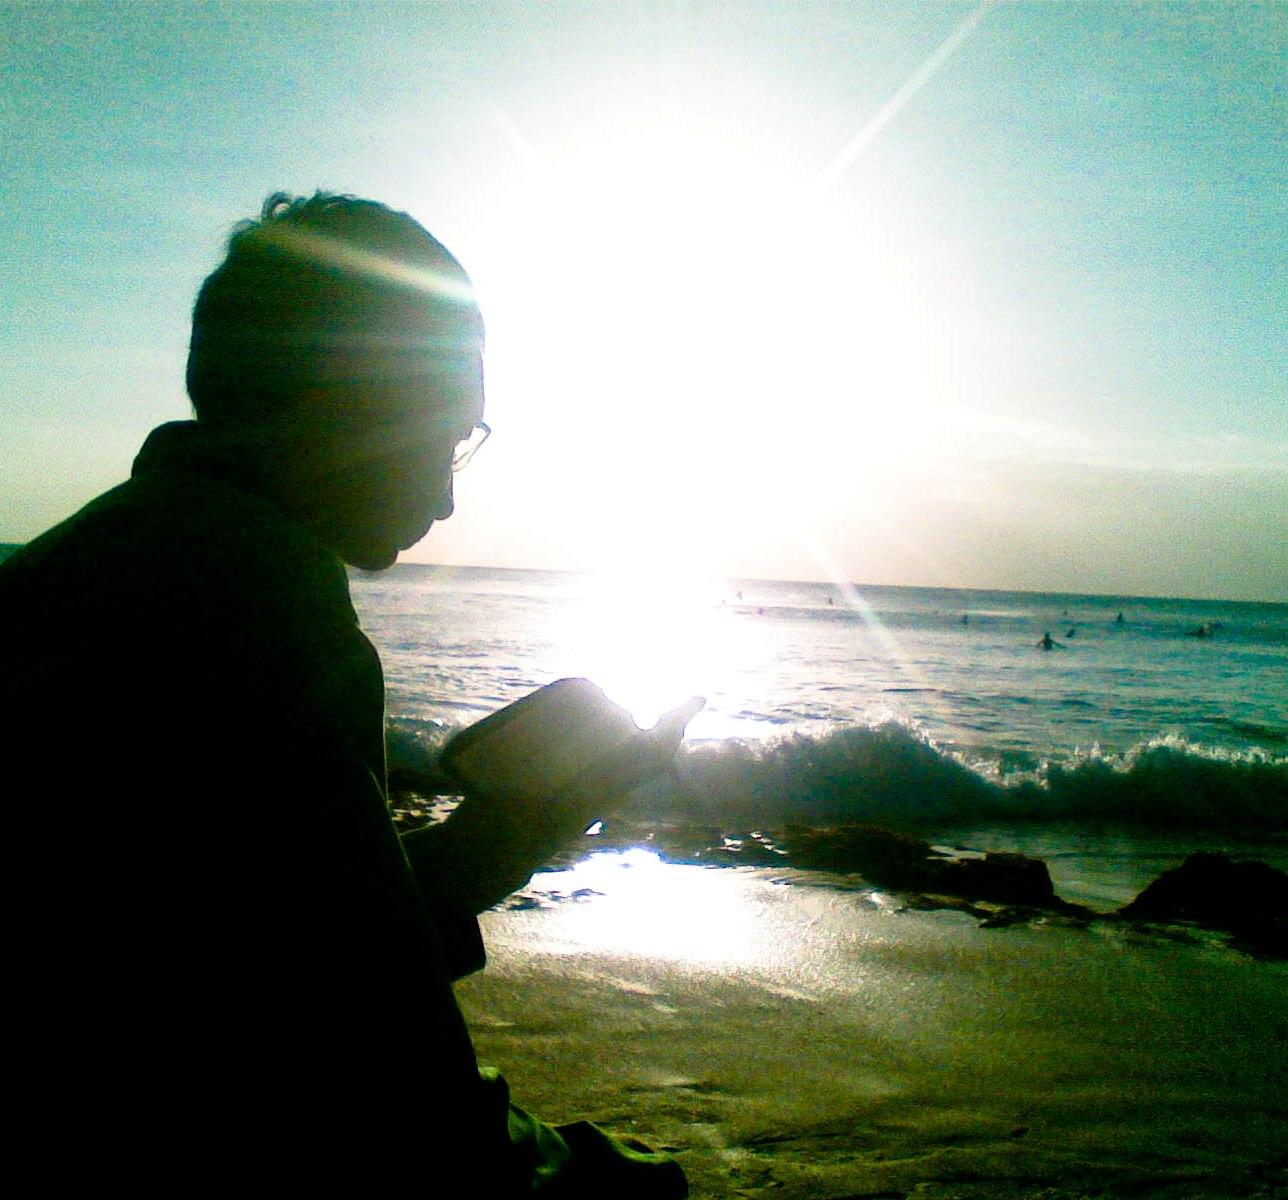 tilawah di pantai